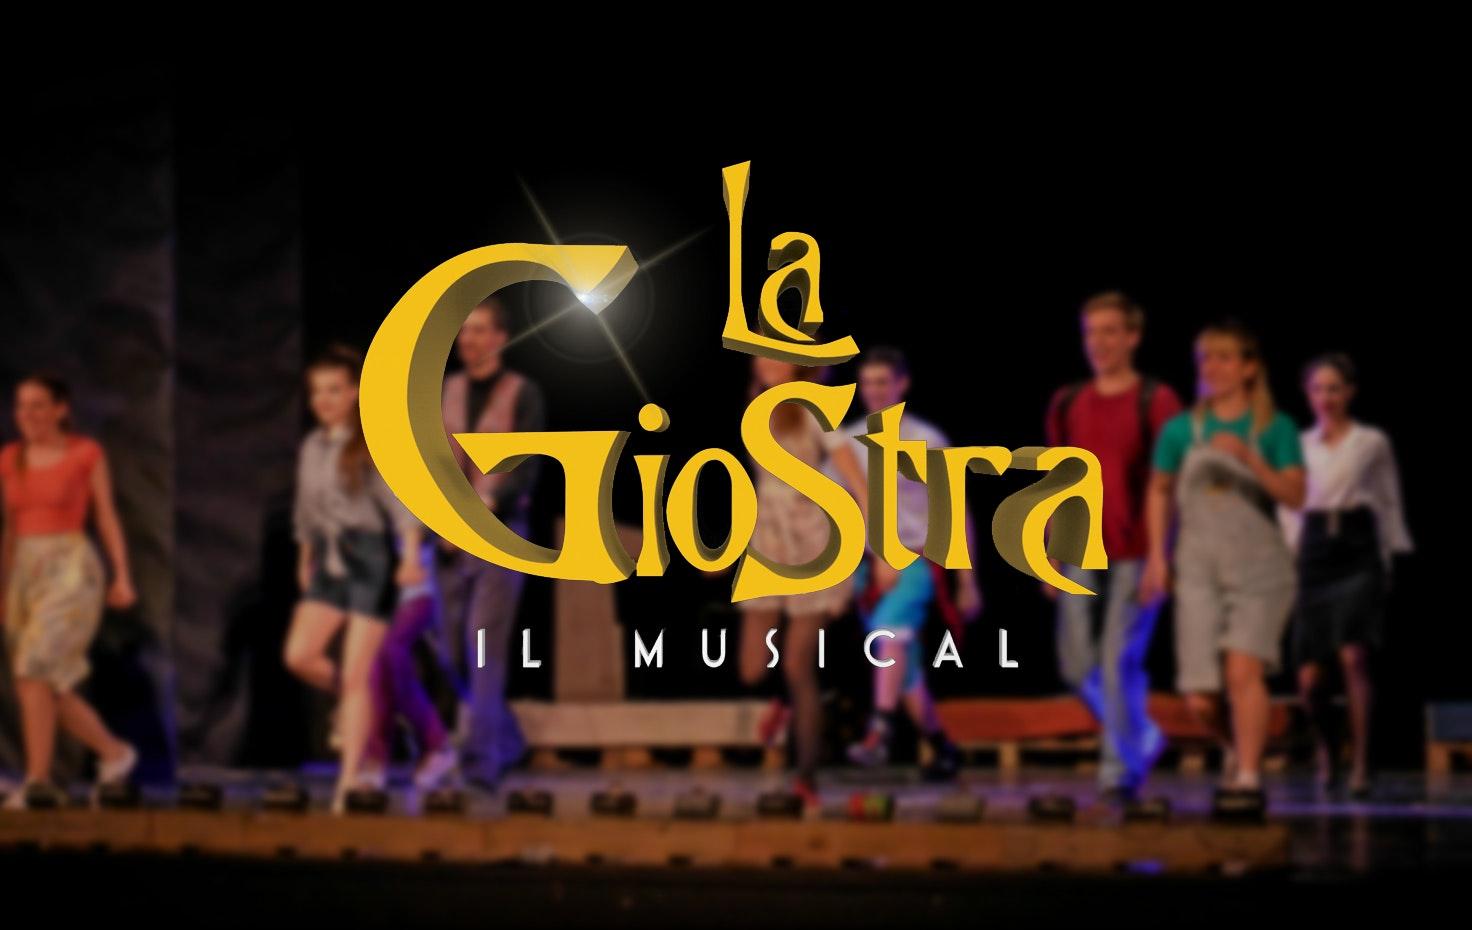 La Giostra, il Nuovo Musical Originale in Italia